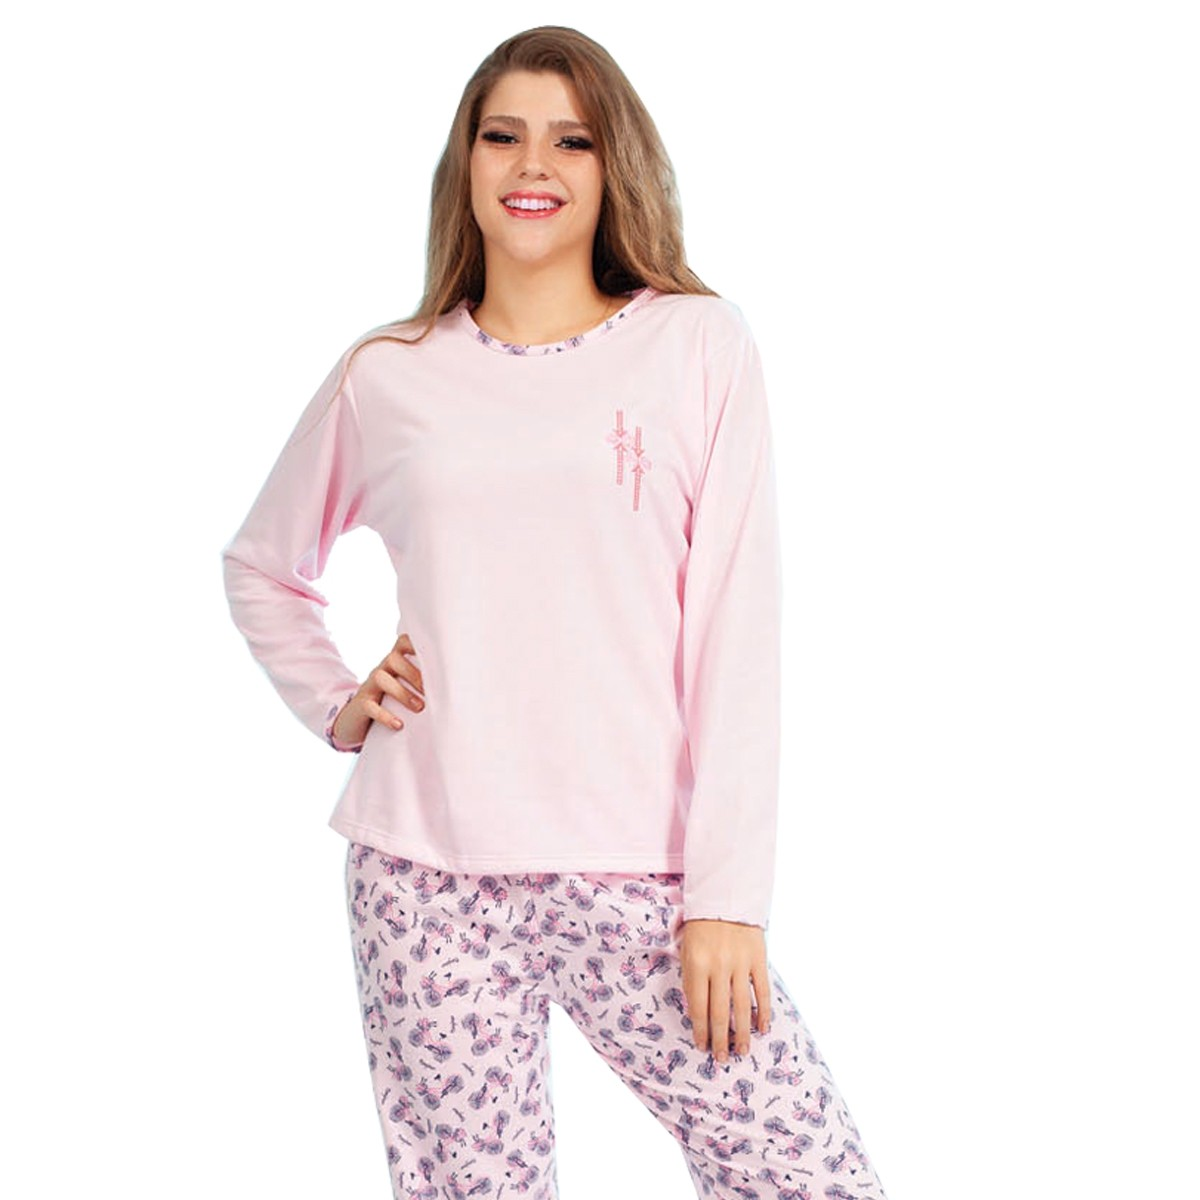 Pijama Longo Manga Longa Calça Flanelado Moletinho Feminino Adulto Ref: 1177